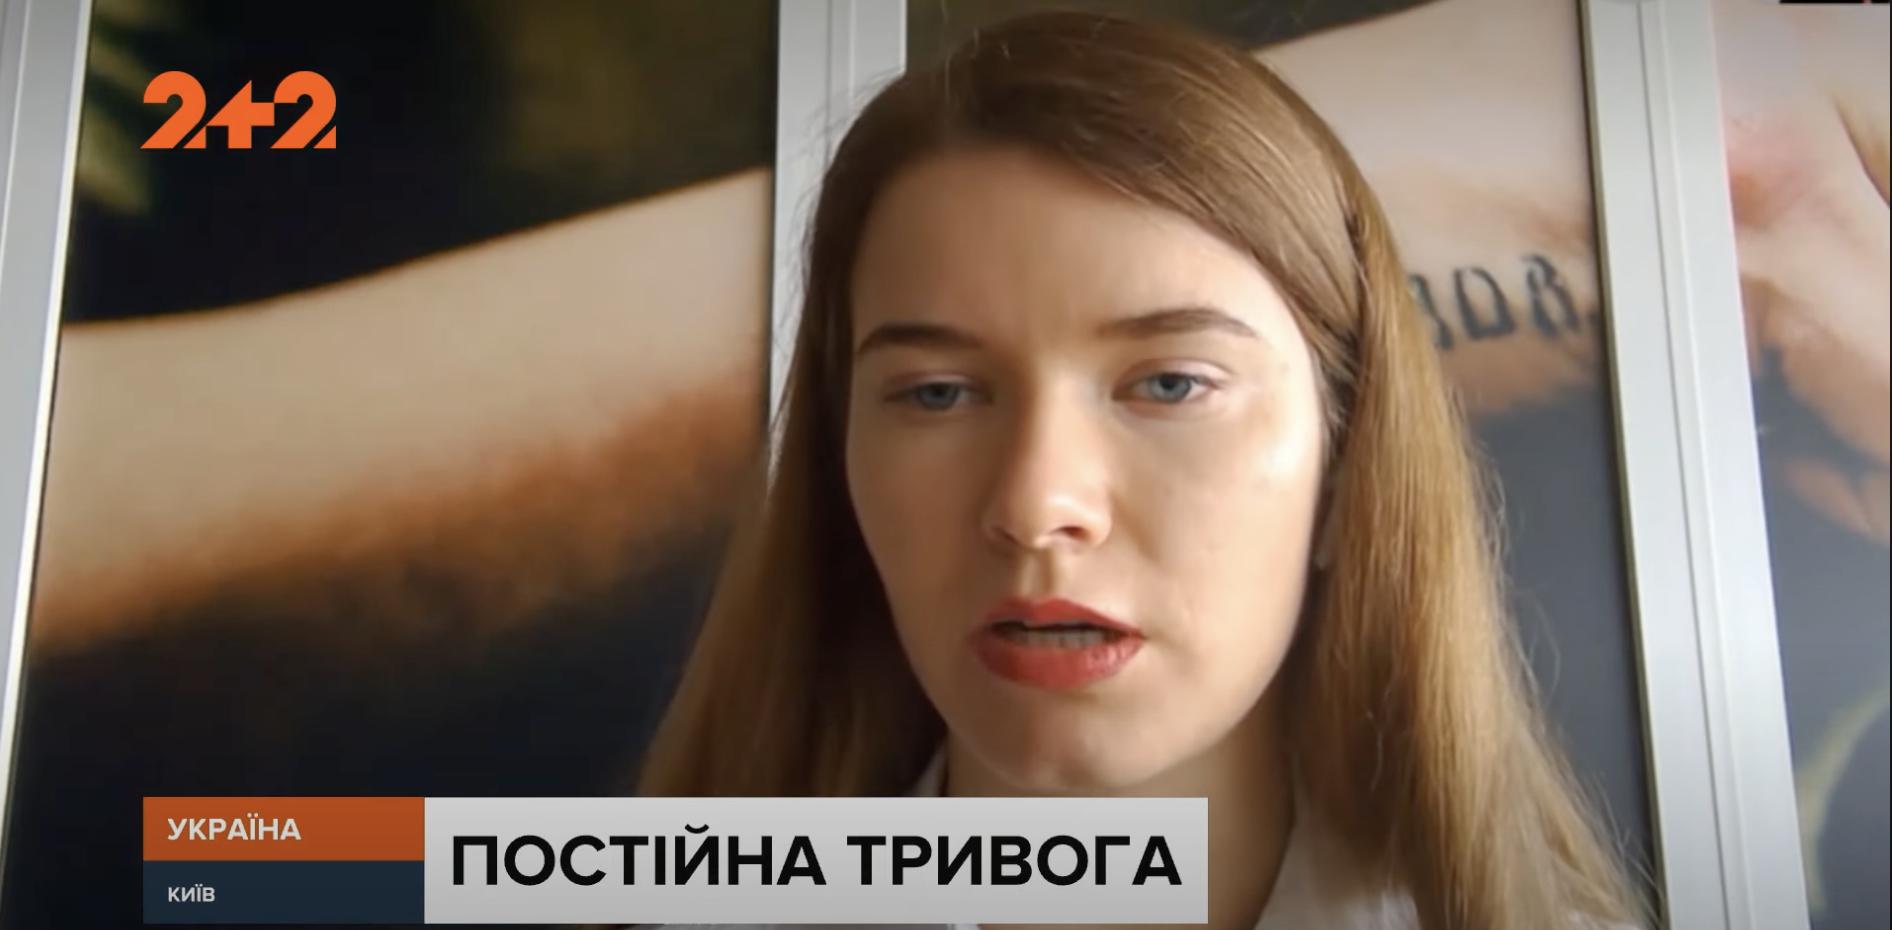 До зброї: новий закон дозволяє без мобілізації призивати усіх до лав Збройних Сил України